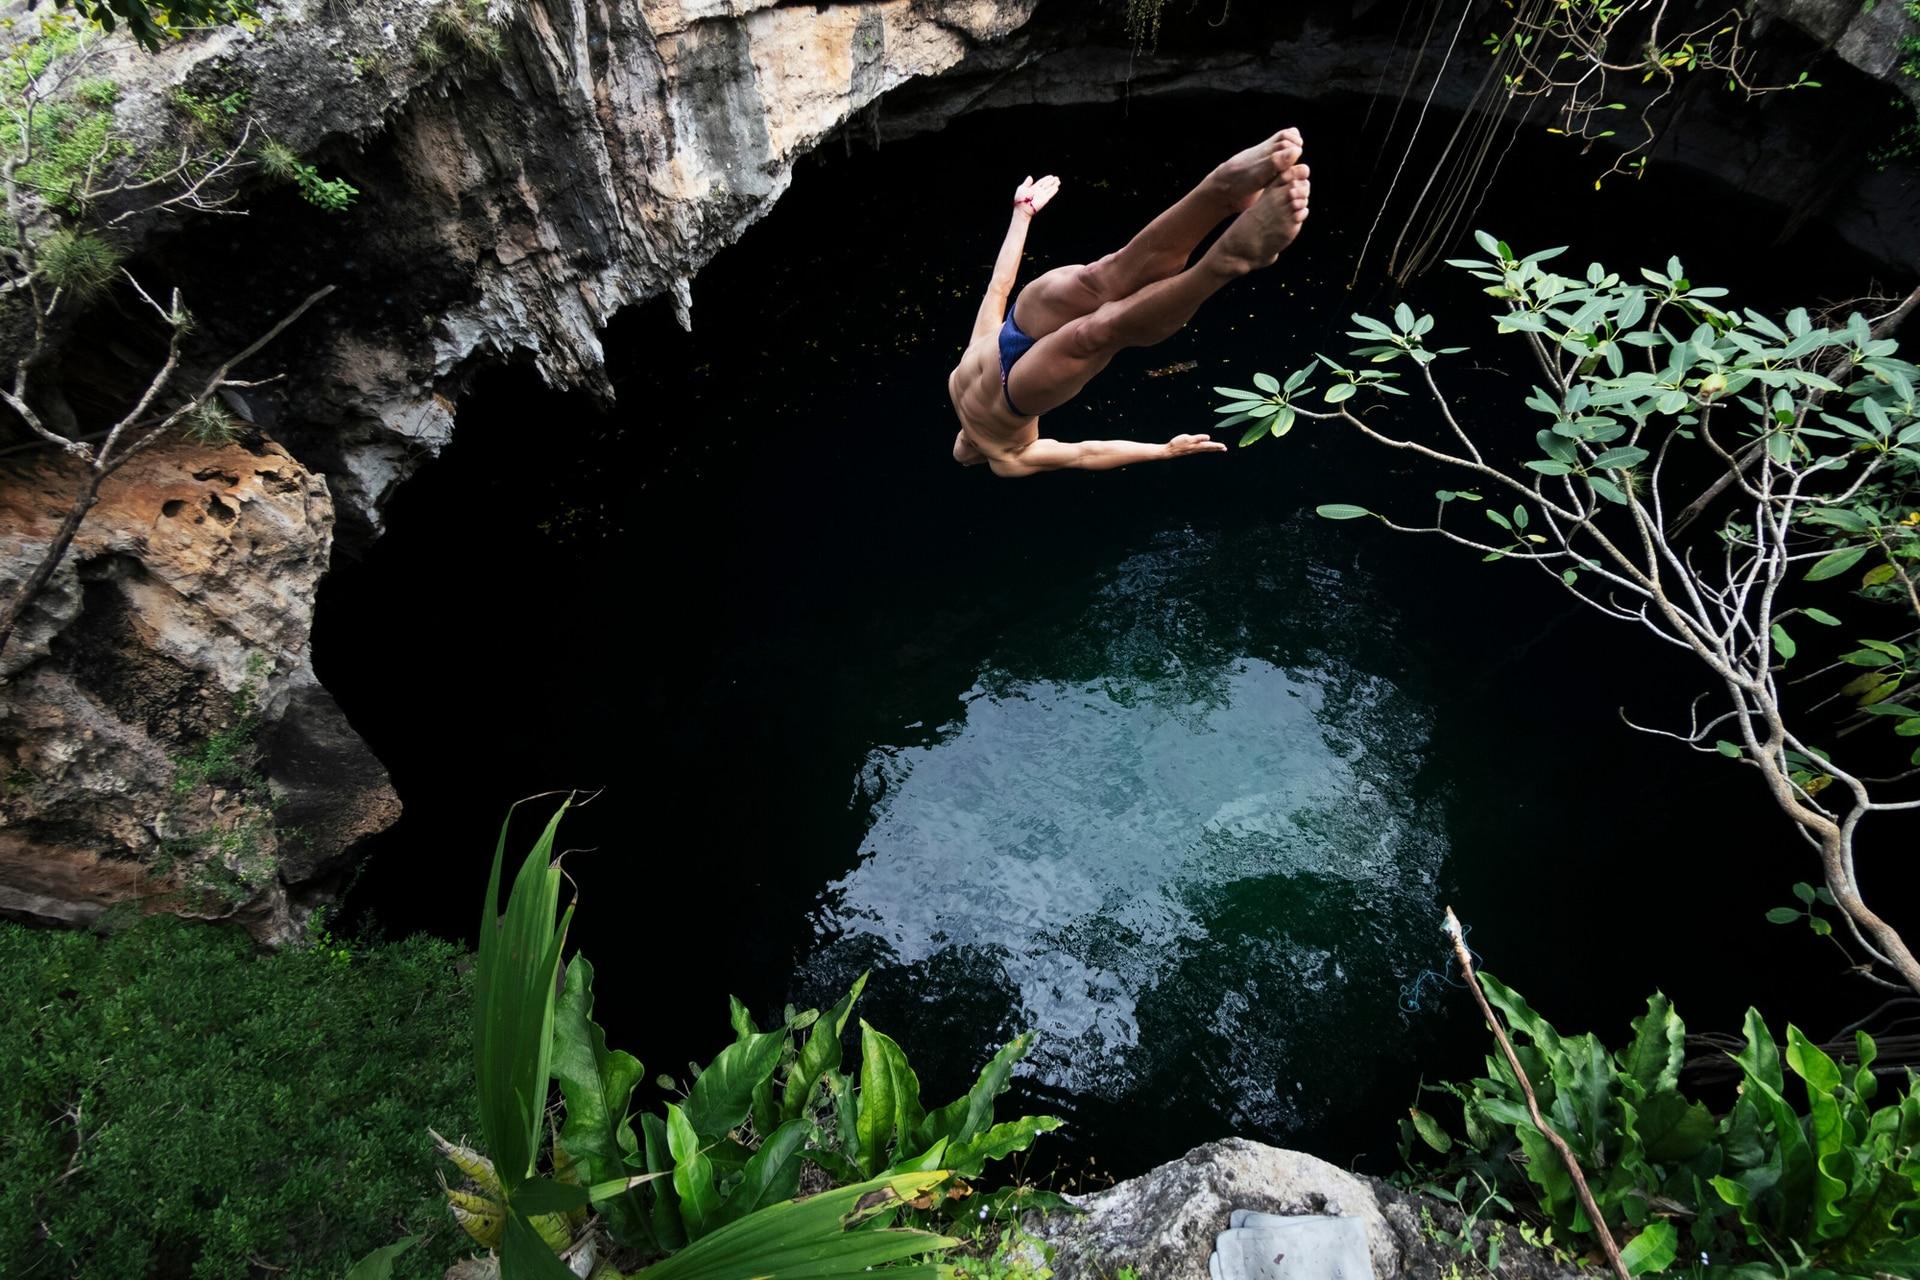 """Jonathan Paredes realiza un clavado estilo """"Barani"""" que consiste en un salto mortal adelante de medio giro en el Cenote Suhen, en Yucatán"""